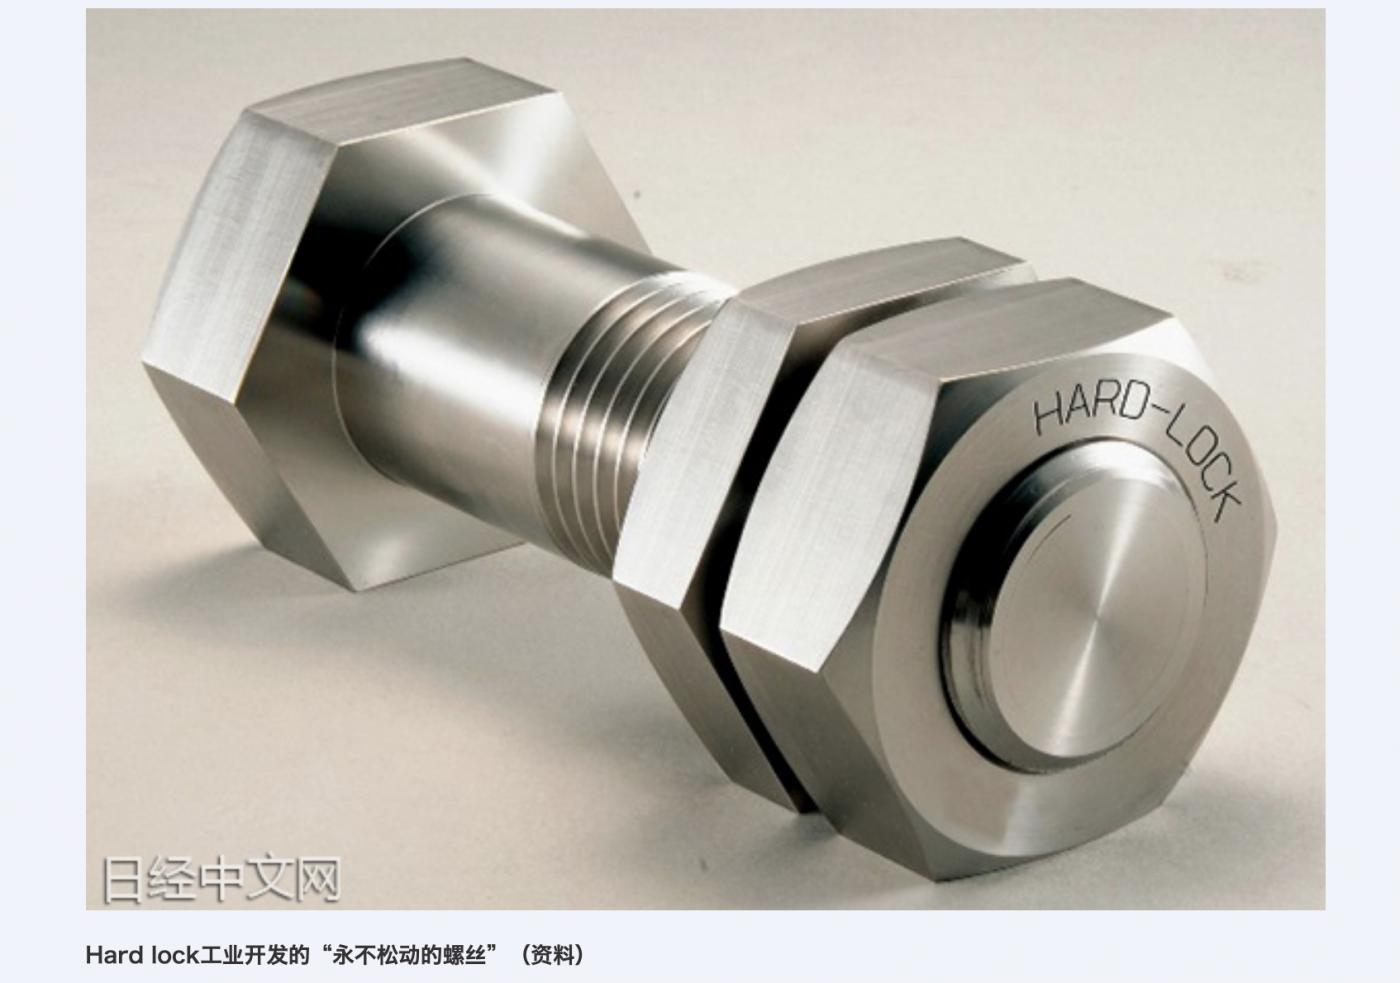 不可小看:日本制造业的高科技优势_图1-2